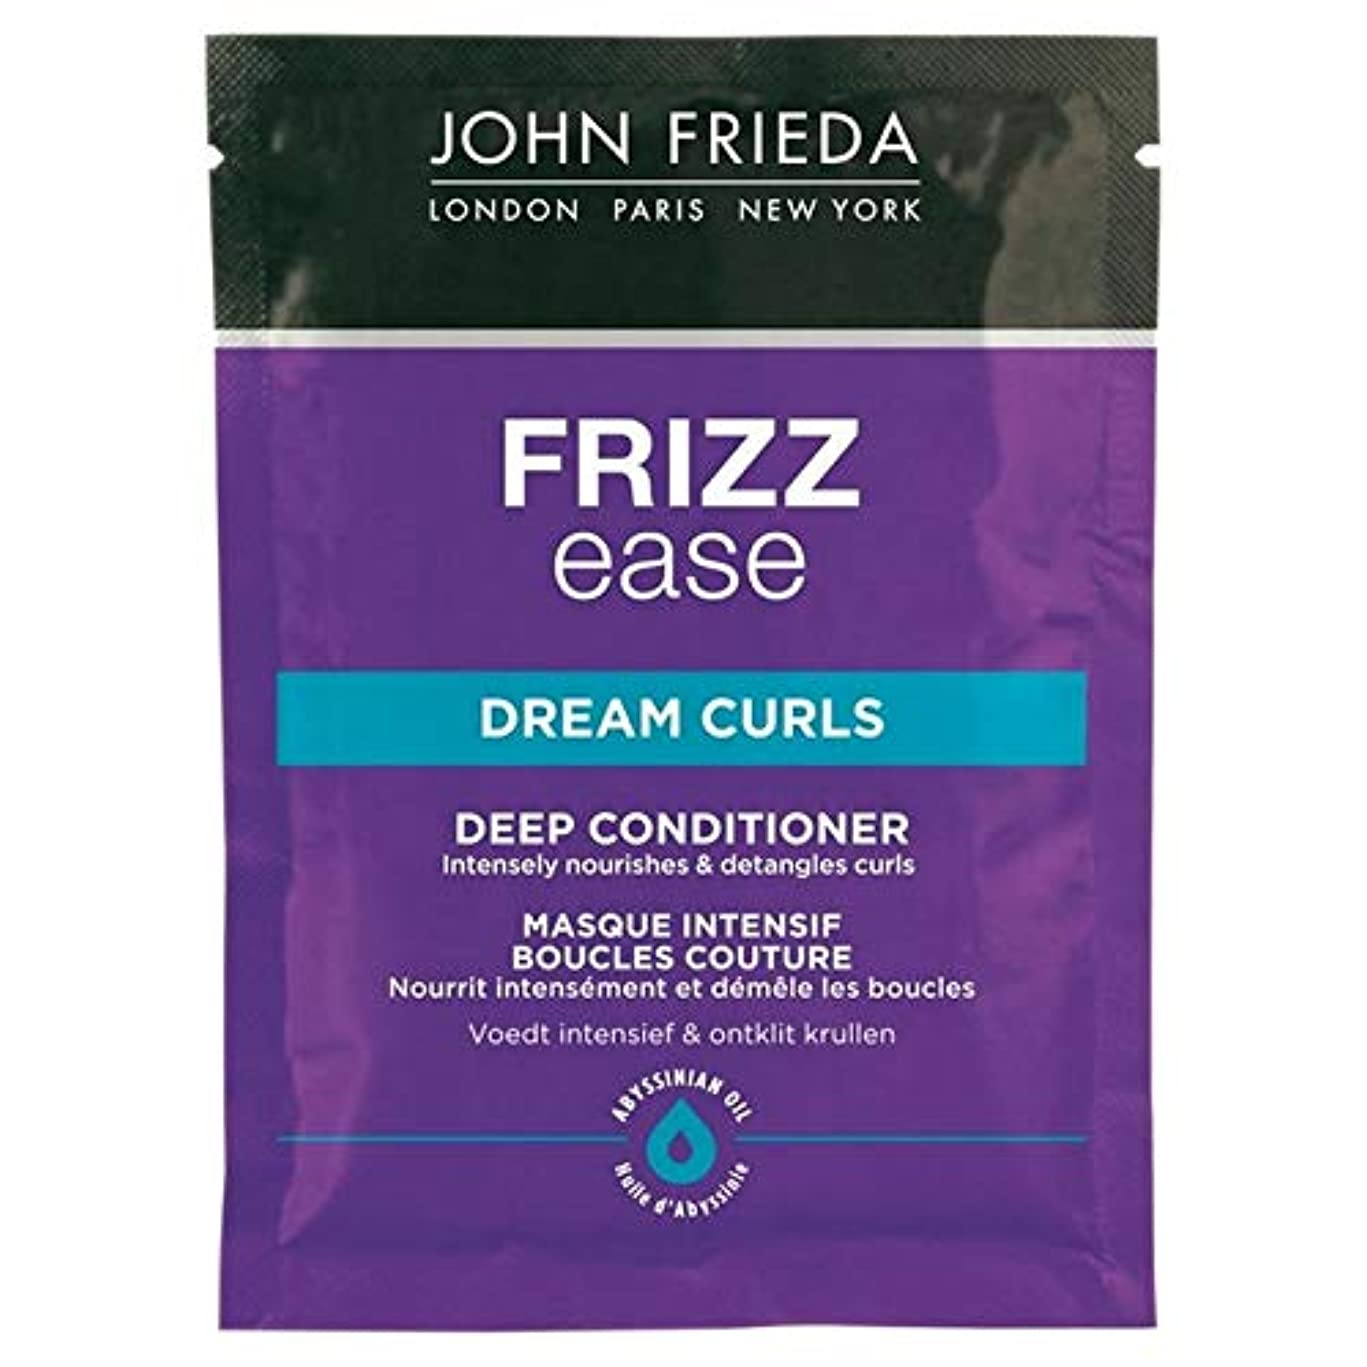 招待と遊ぶ社会科[John Frieda ] ジョン?フリーダ縮れ容易夢のカールコンディショナー25ミリリットル - John Frieda Frizz Ease Dream Curls Conditioner 25ml [並行輸入品]